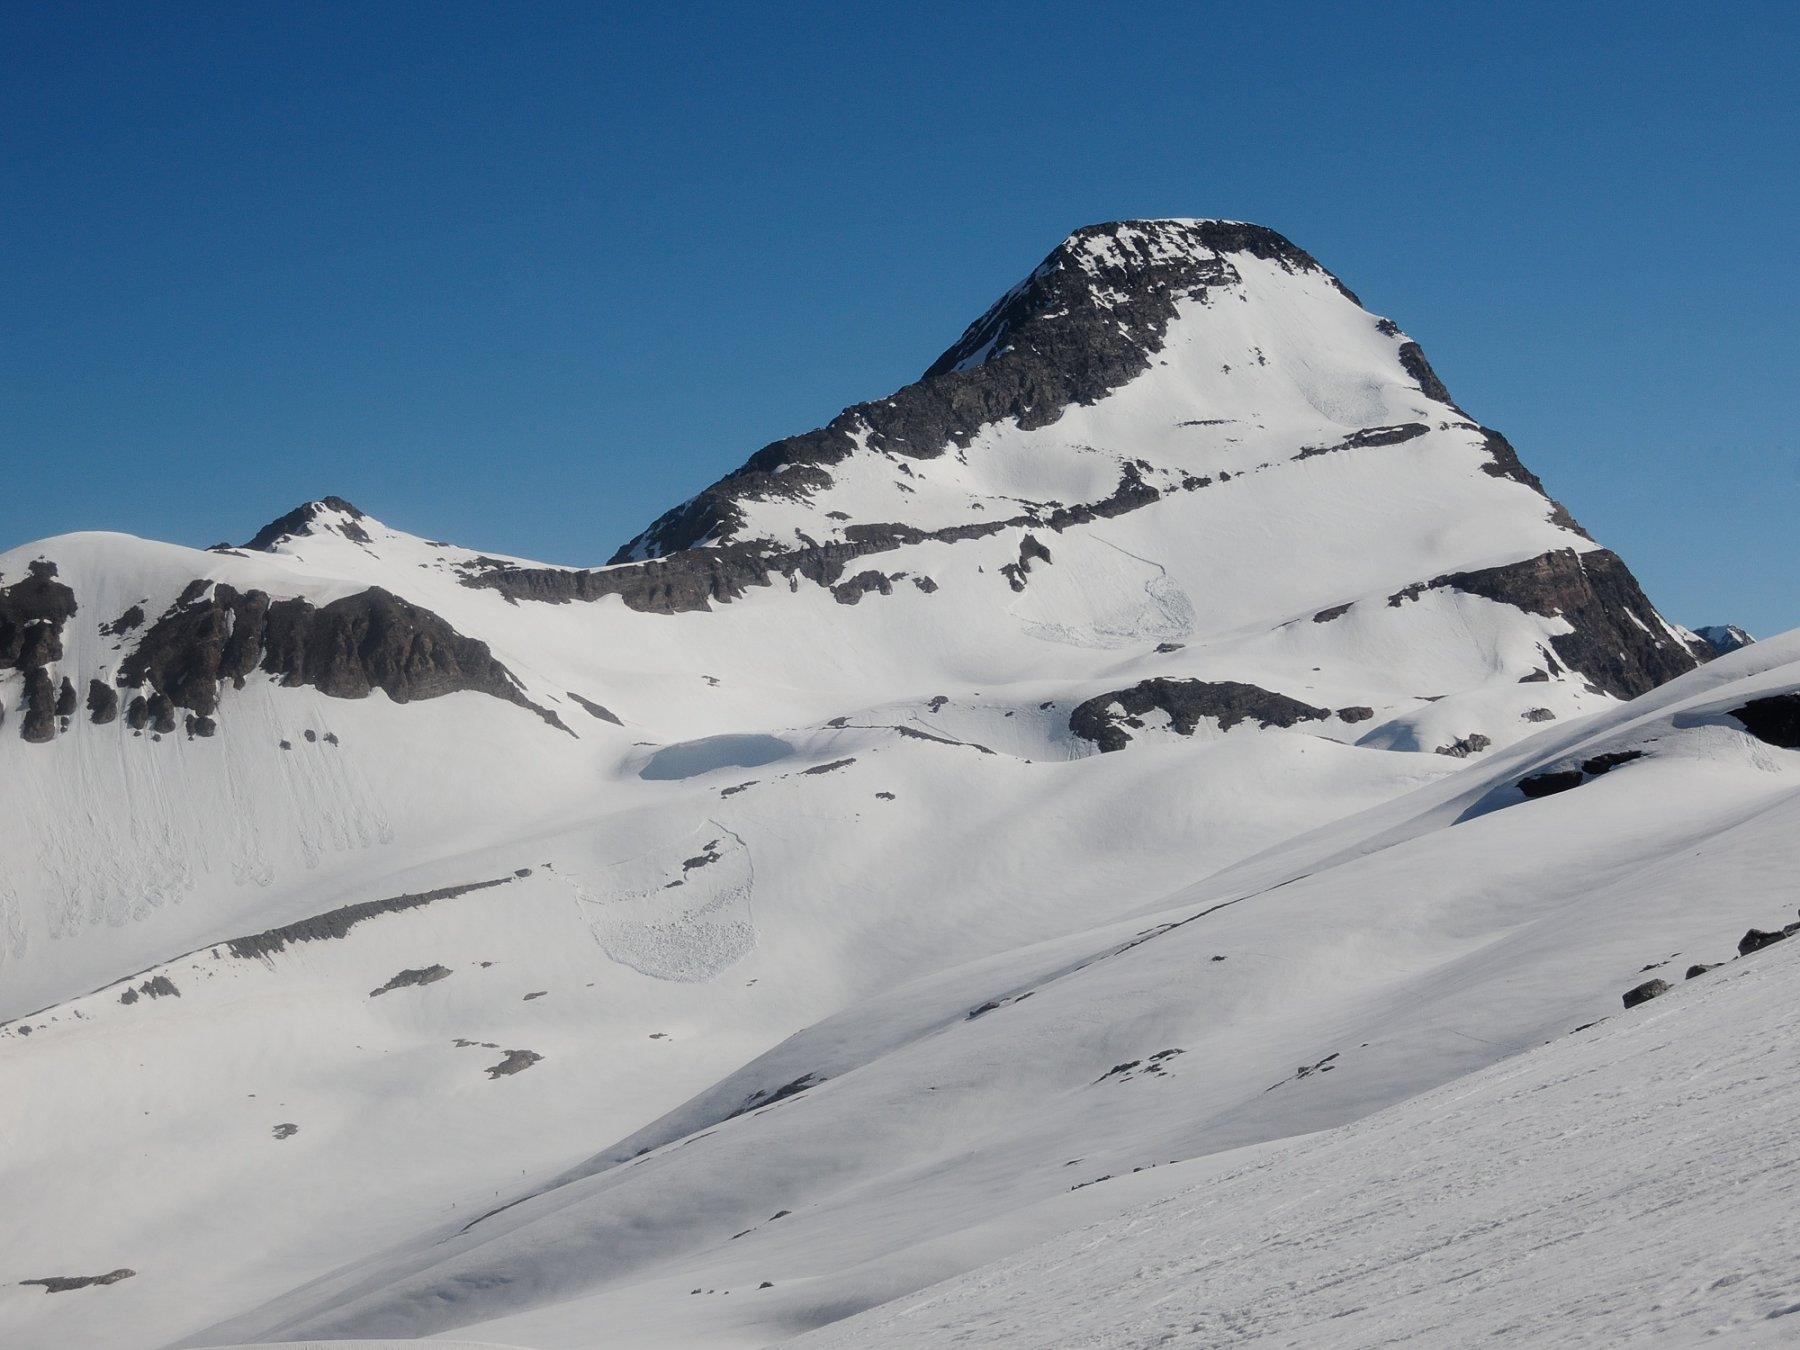 Terrarossa - Wasenhorn dall'innevamento ancora invitante